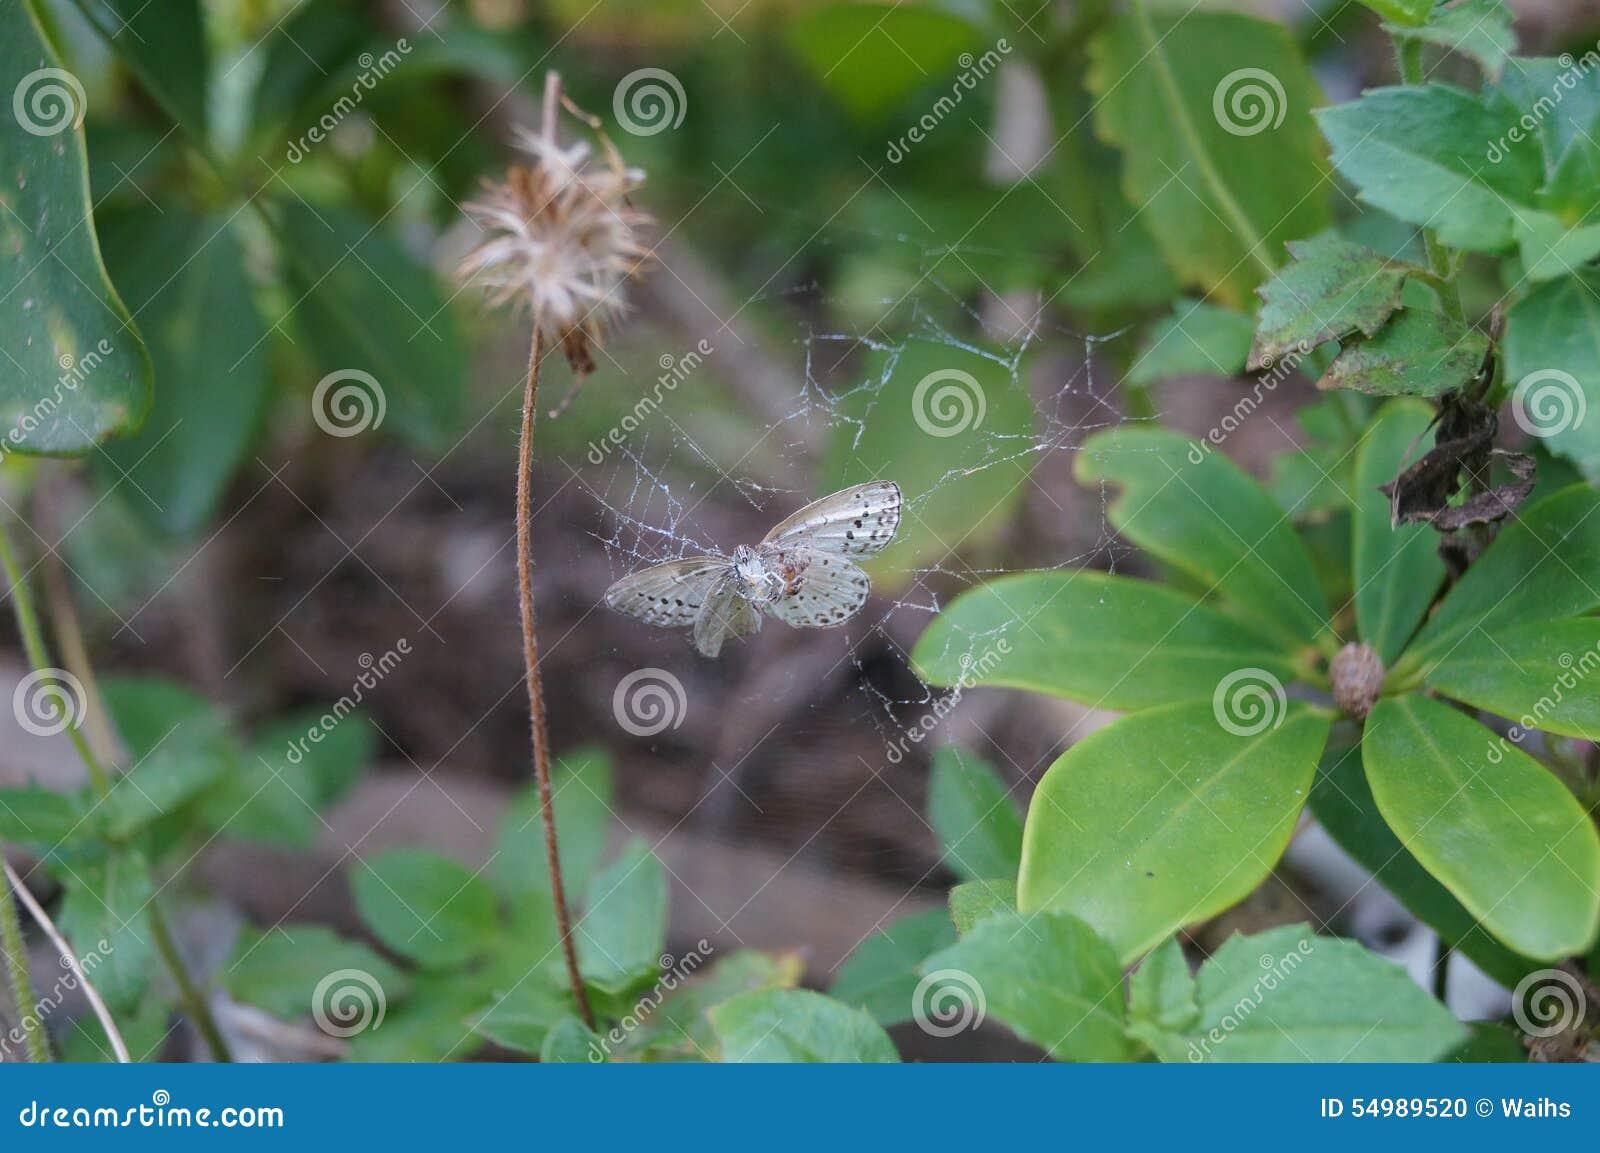 Der Schmetterling wird durch Spinnennetze verwickelt